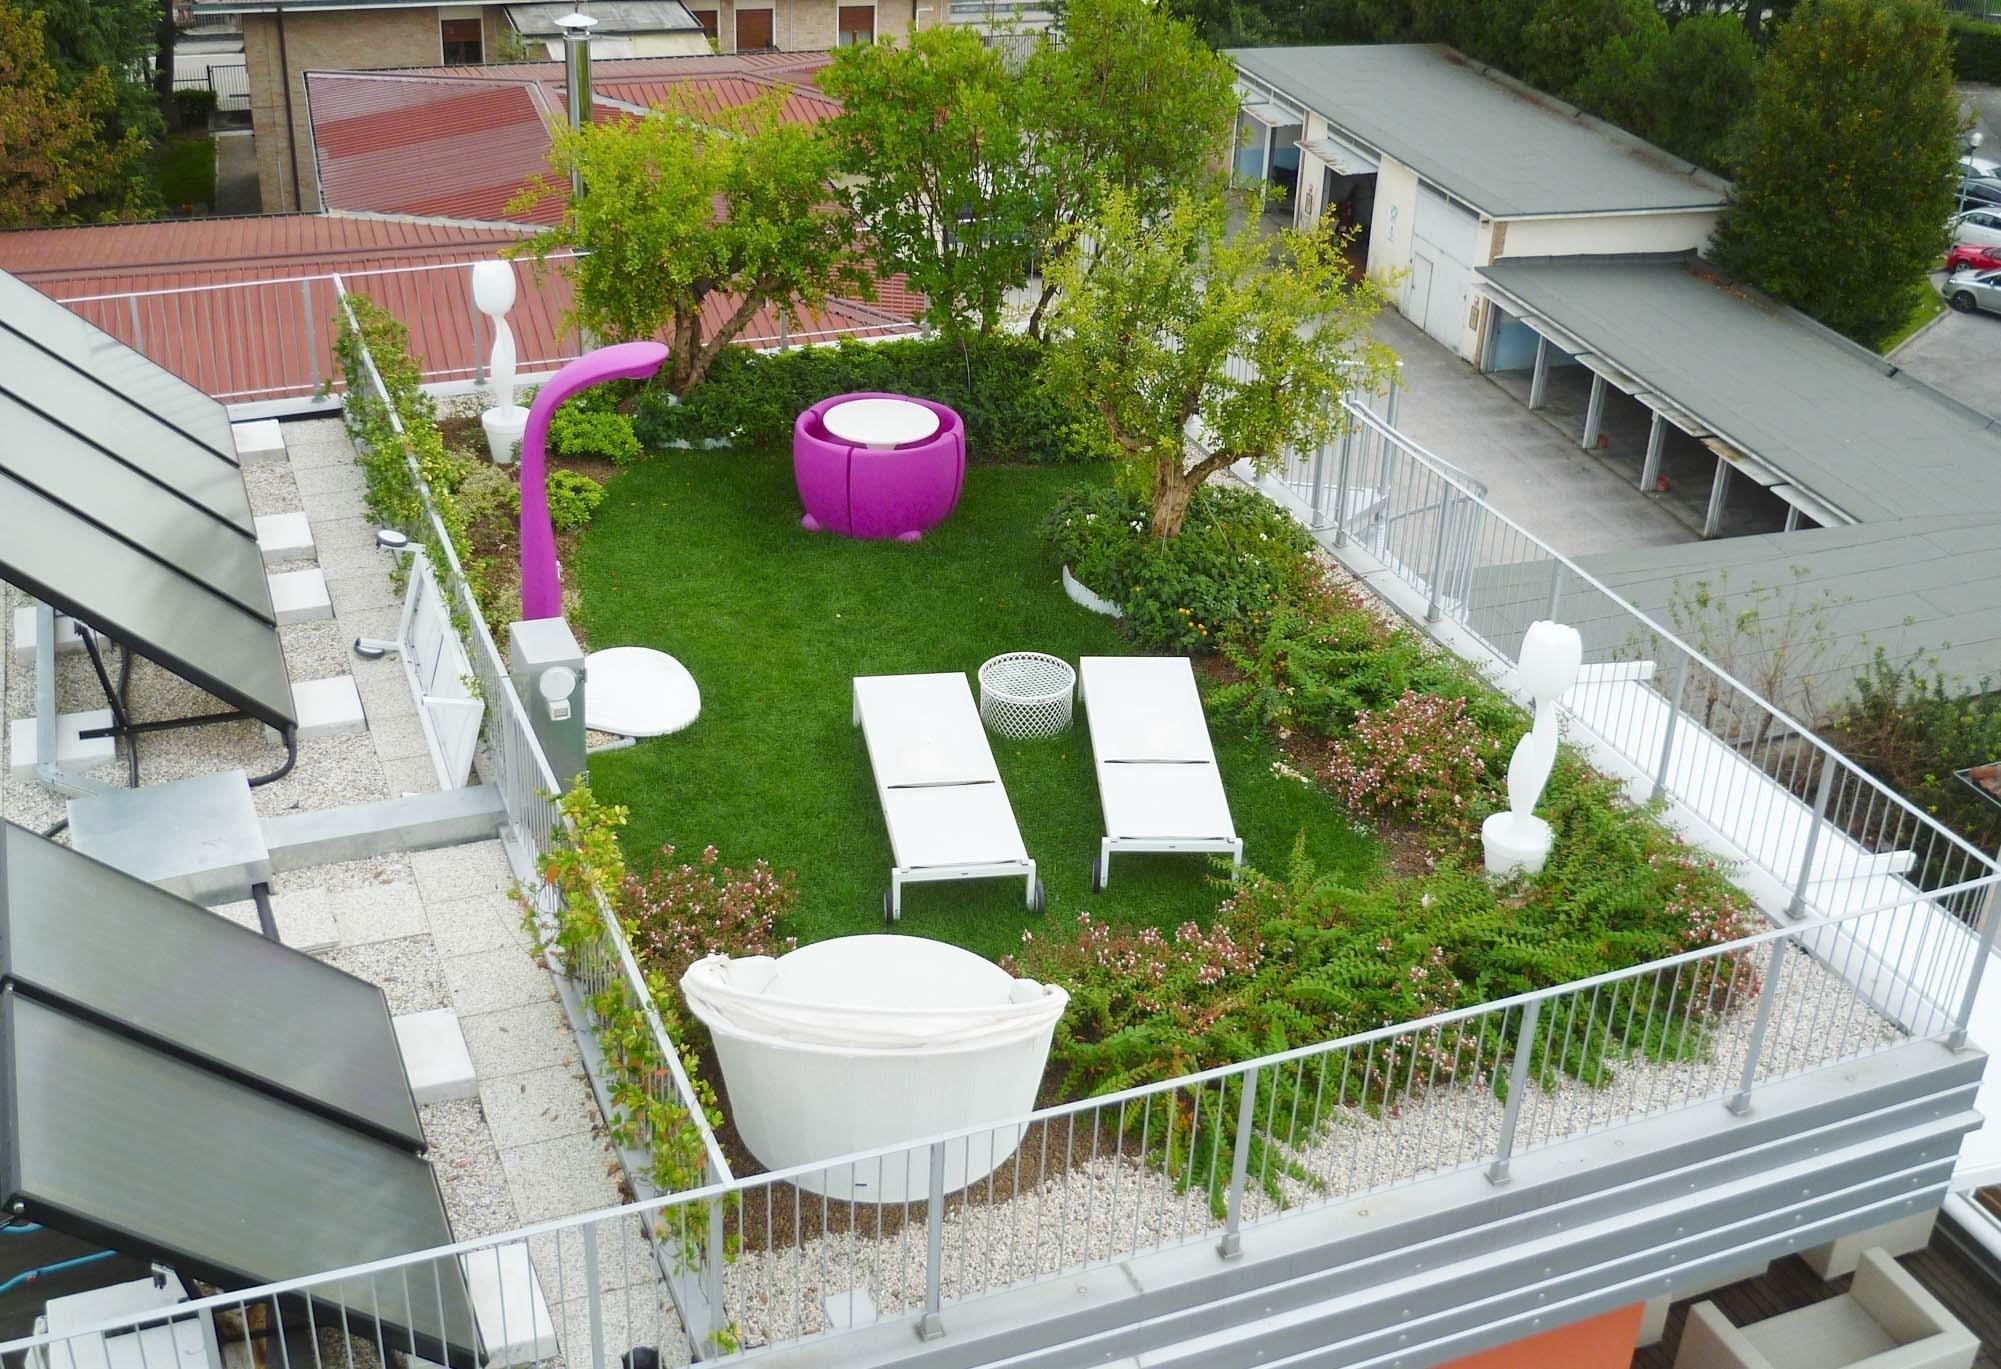 Giardino pensile - Piante da terrazzo - Come realizzare un ...